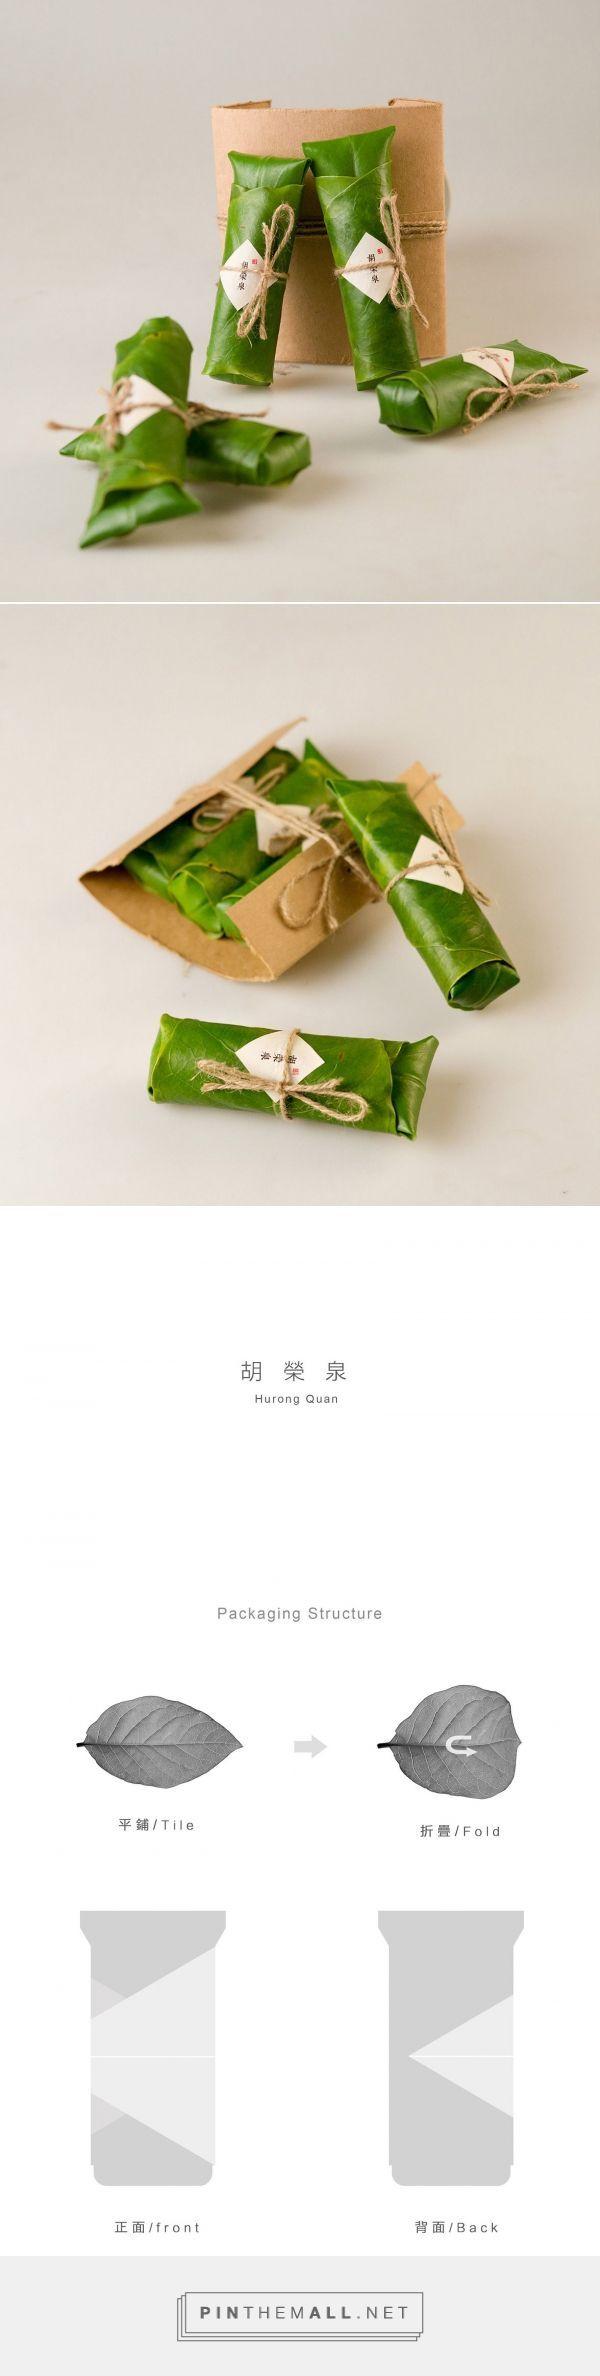 Shi Gu Ping #Tea #packaging #design #concept by Tin Chan - http://www.packagingoftheworld.com/2016/12/shi-gu-ping-tea.html